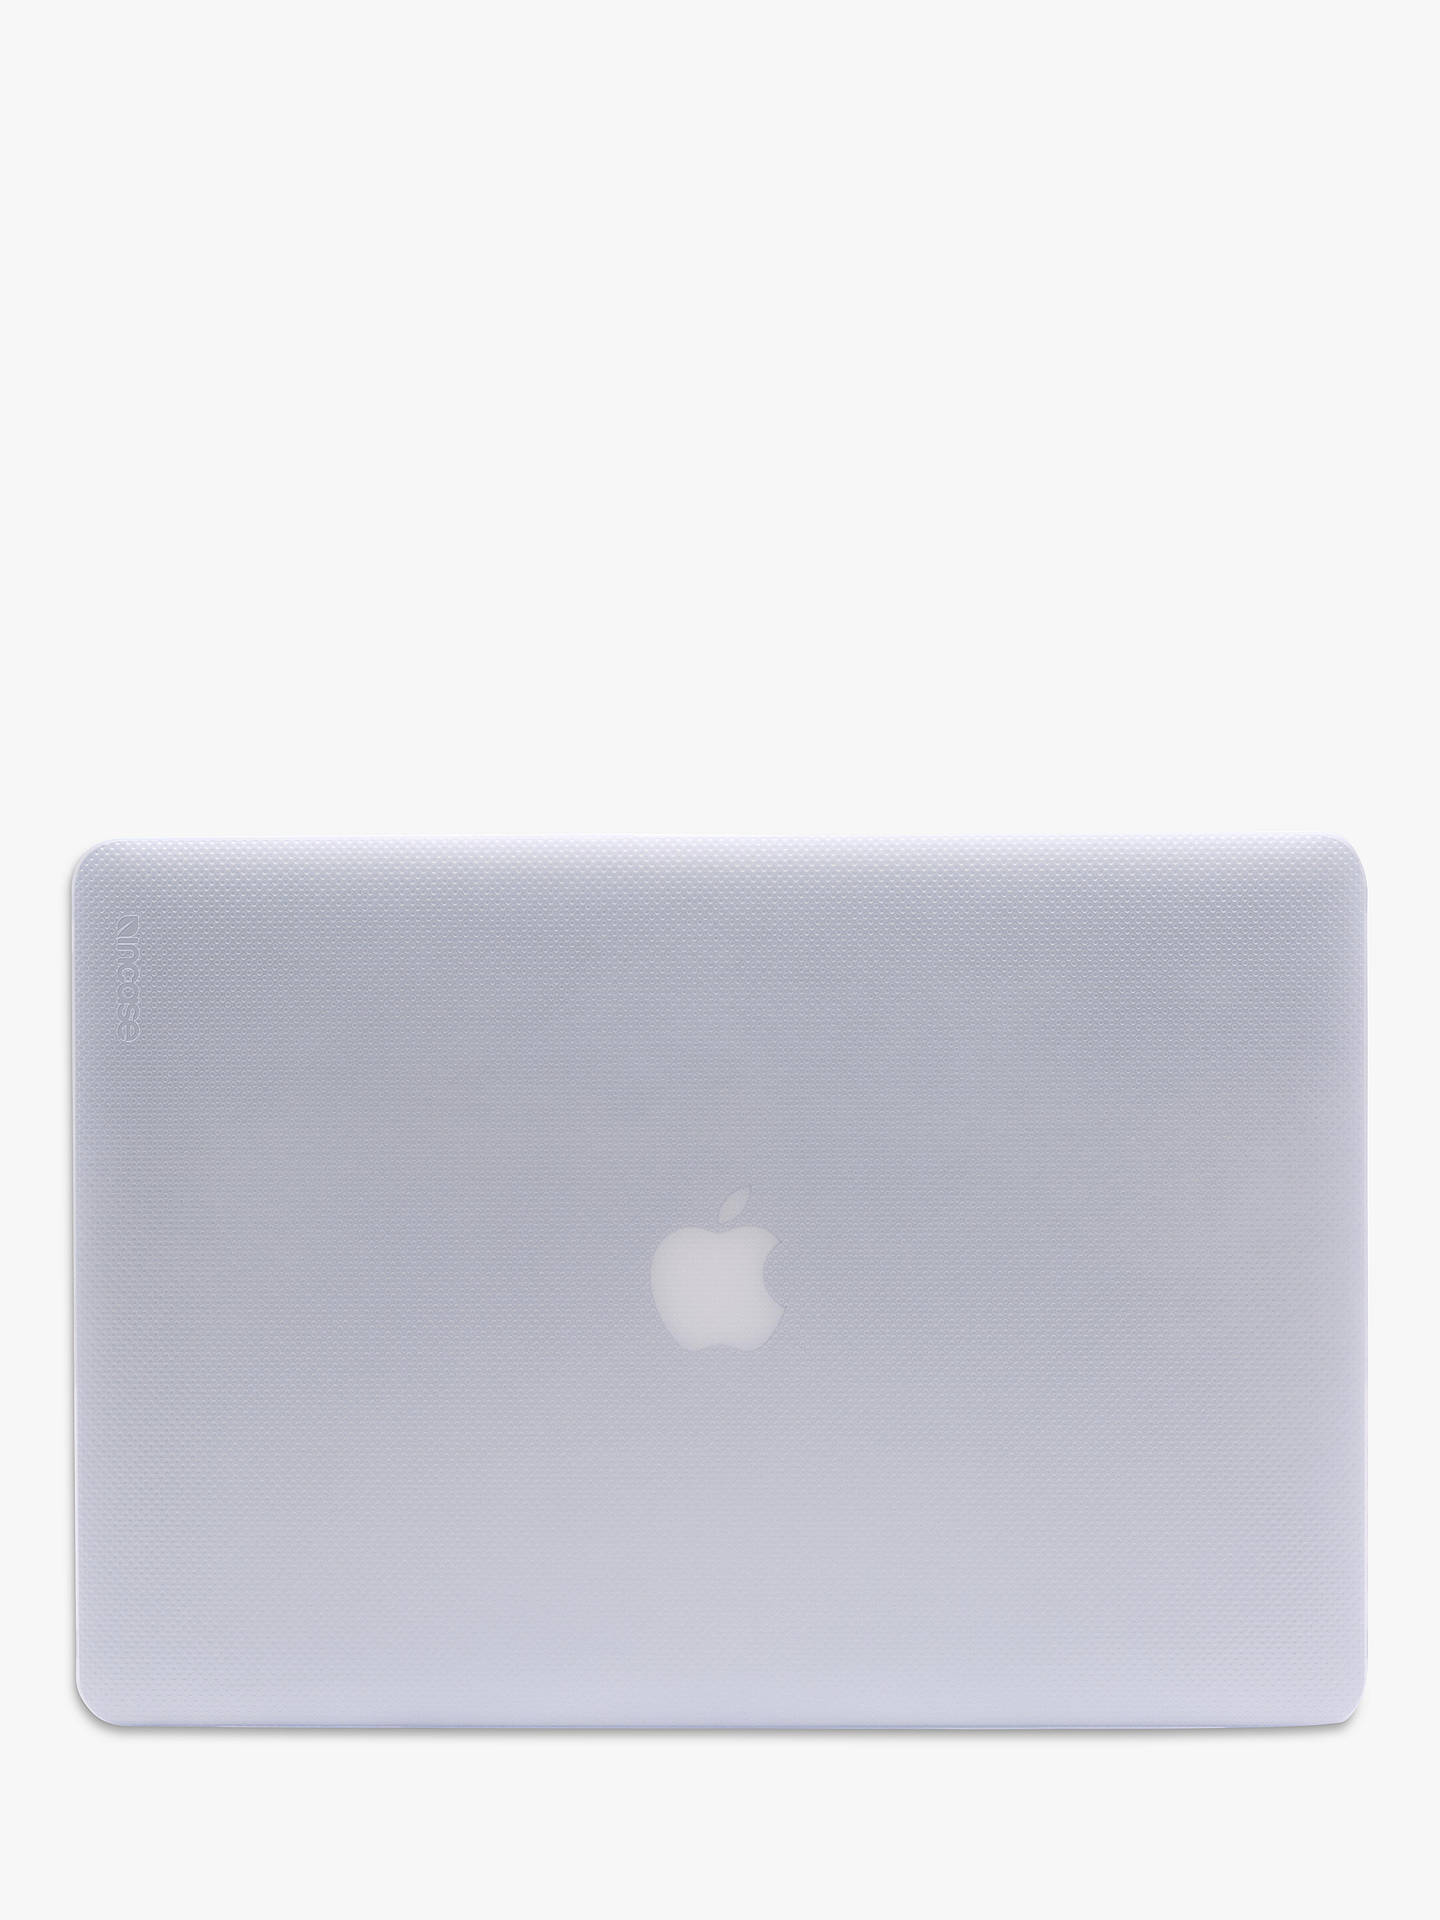 best service 05daf 1f363 Incase Hardshell Case for 2017 MacBook Pro 13